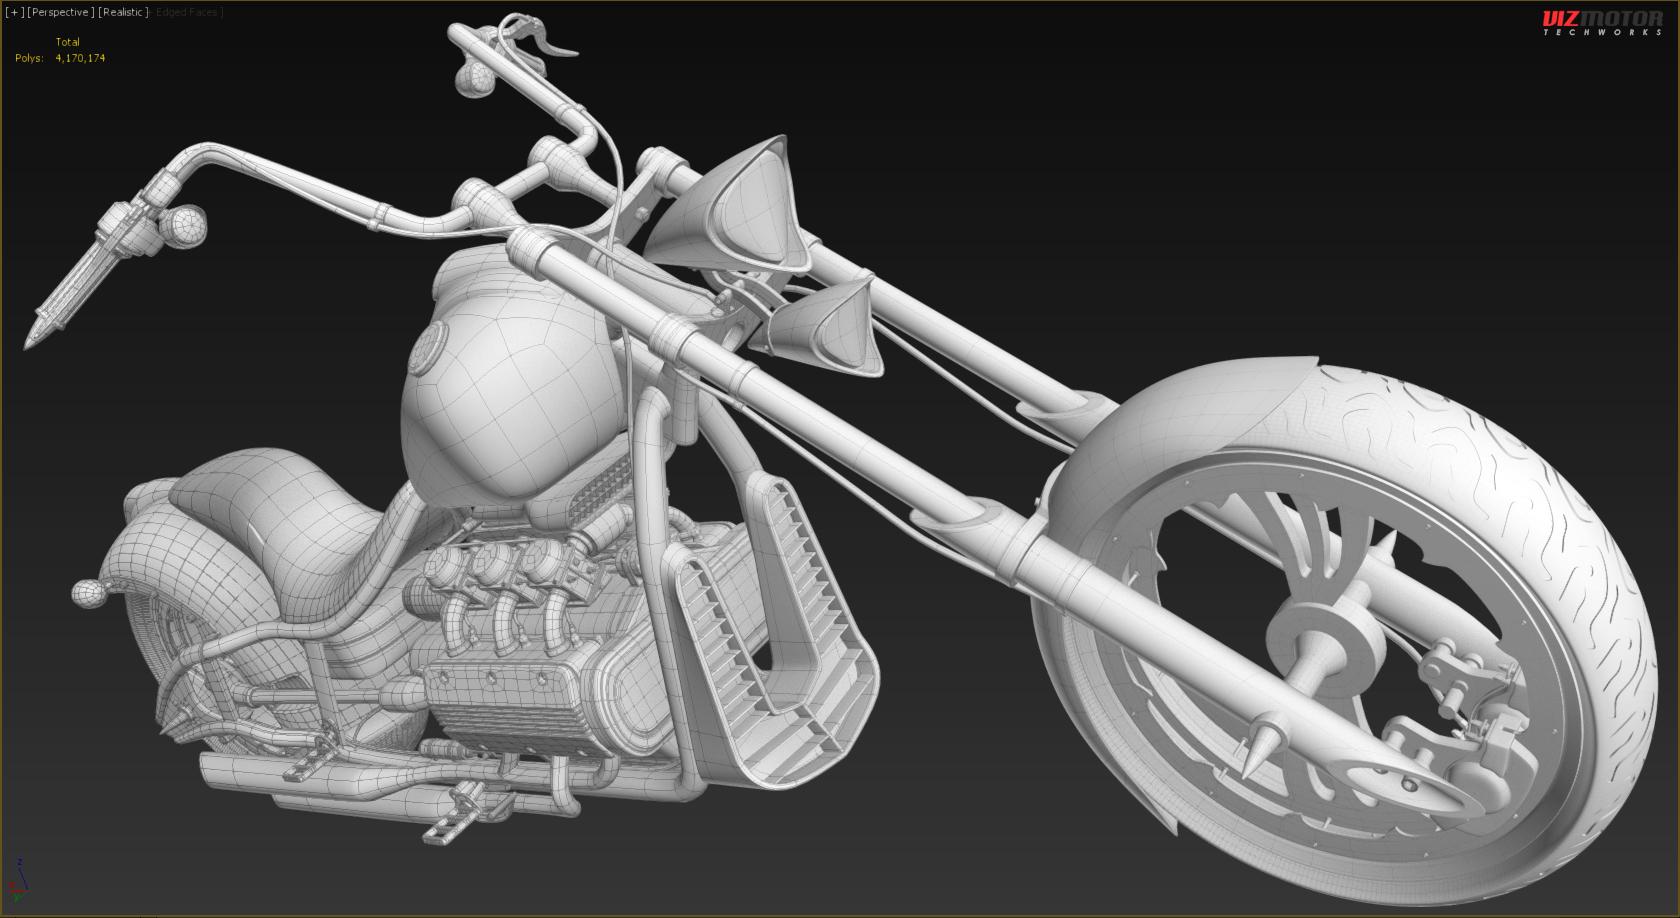 VizMotor_Bike_1